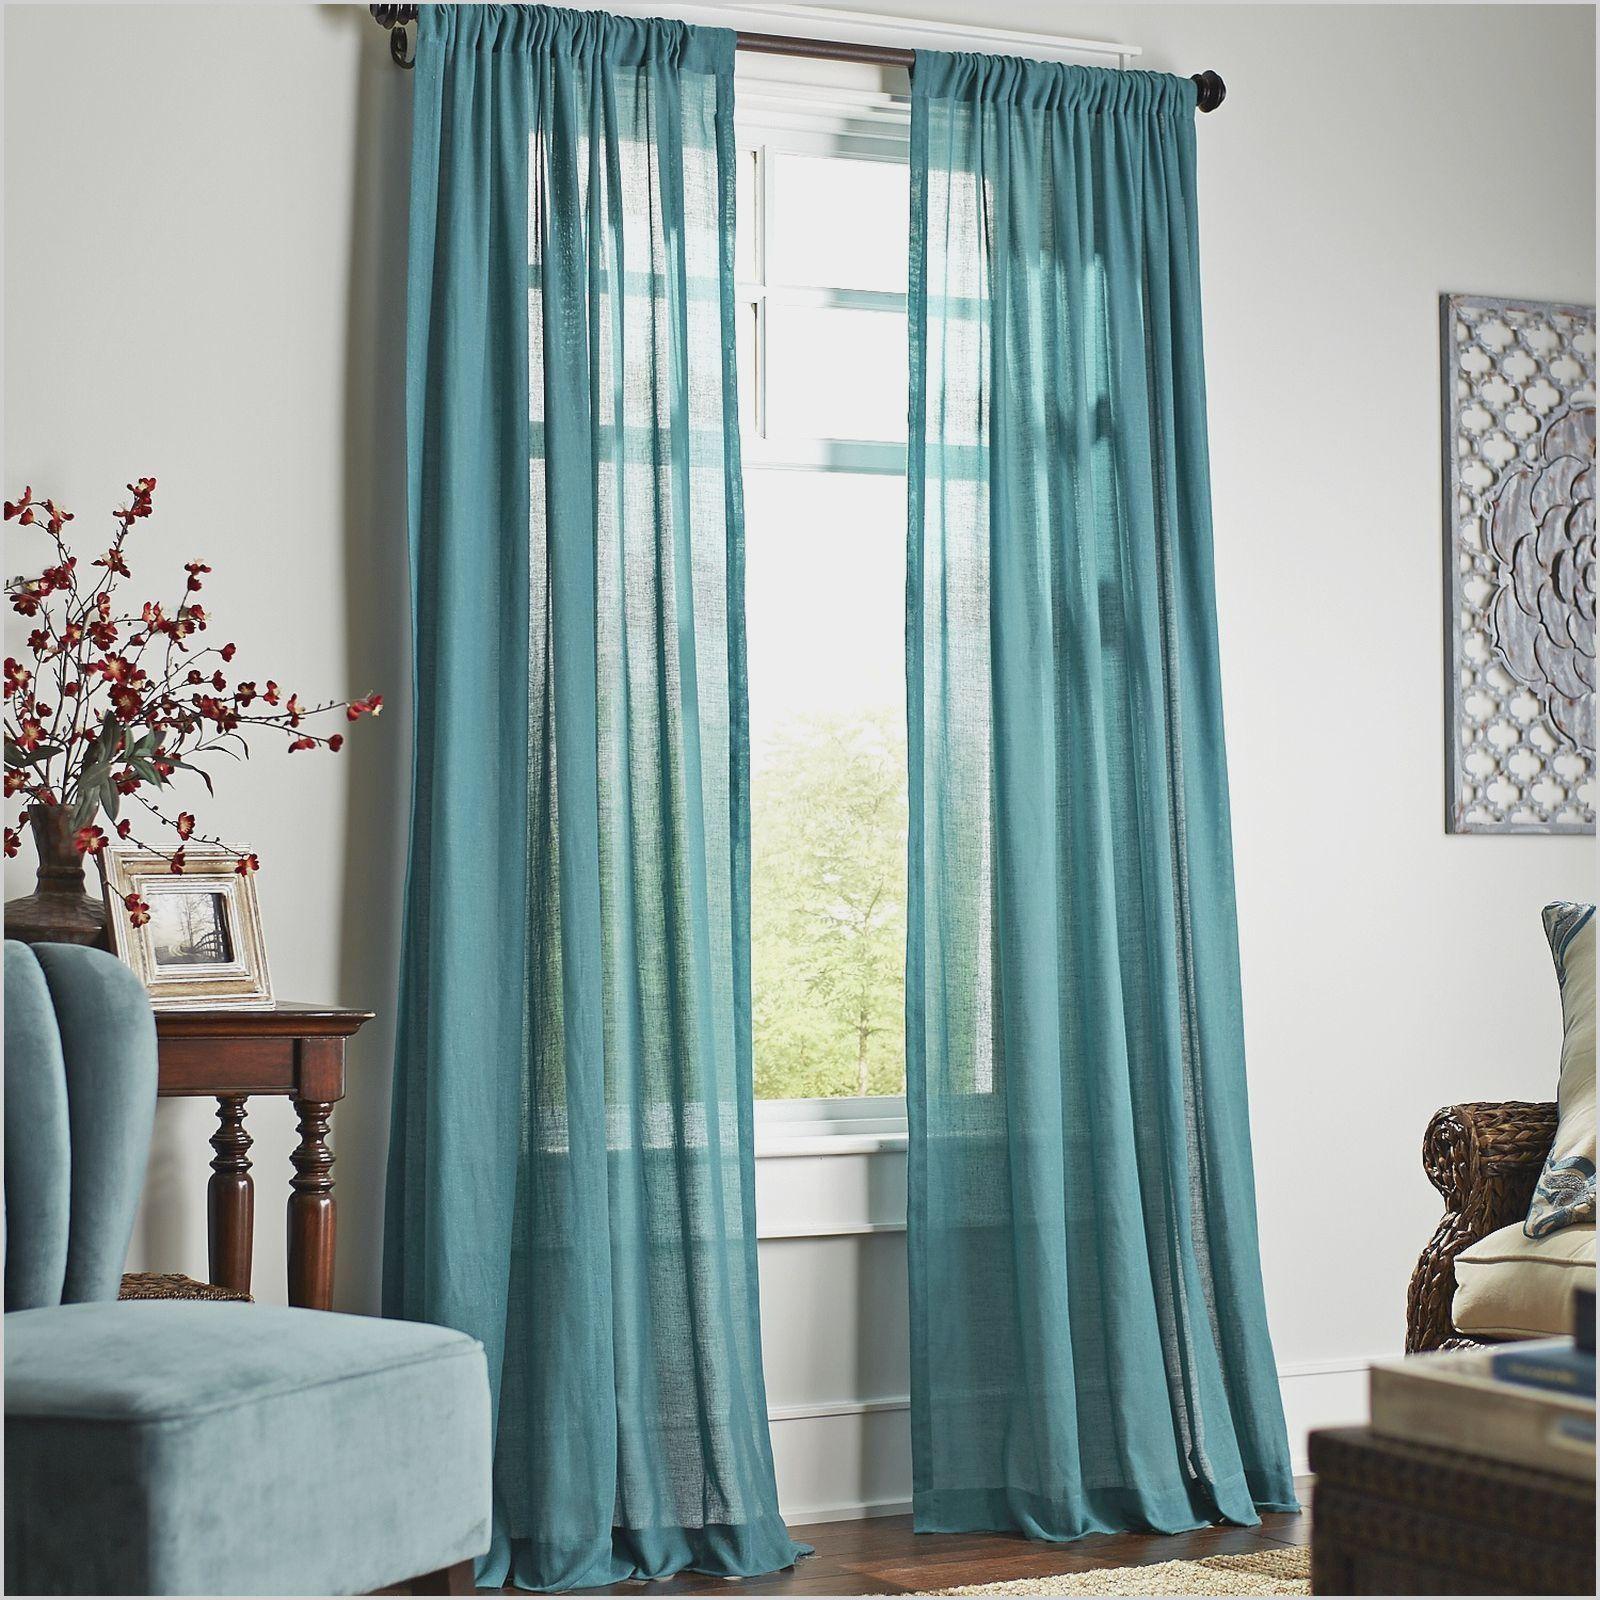 Grey And Turquoise Living Room Curtains Dekorasi Ruang Tamu Ide Dekorasi Rumah Ruang Tamu Putih